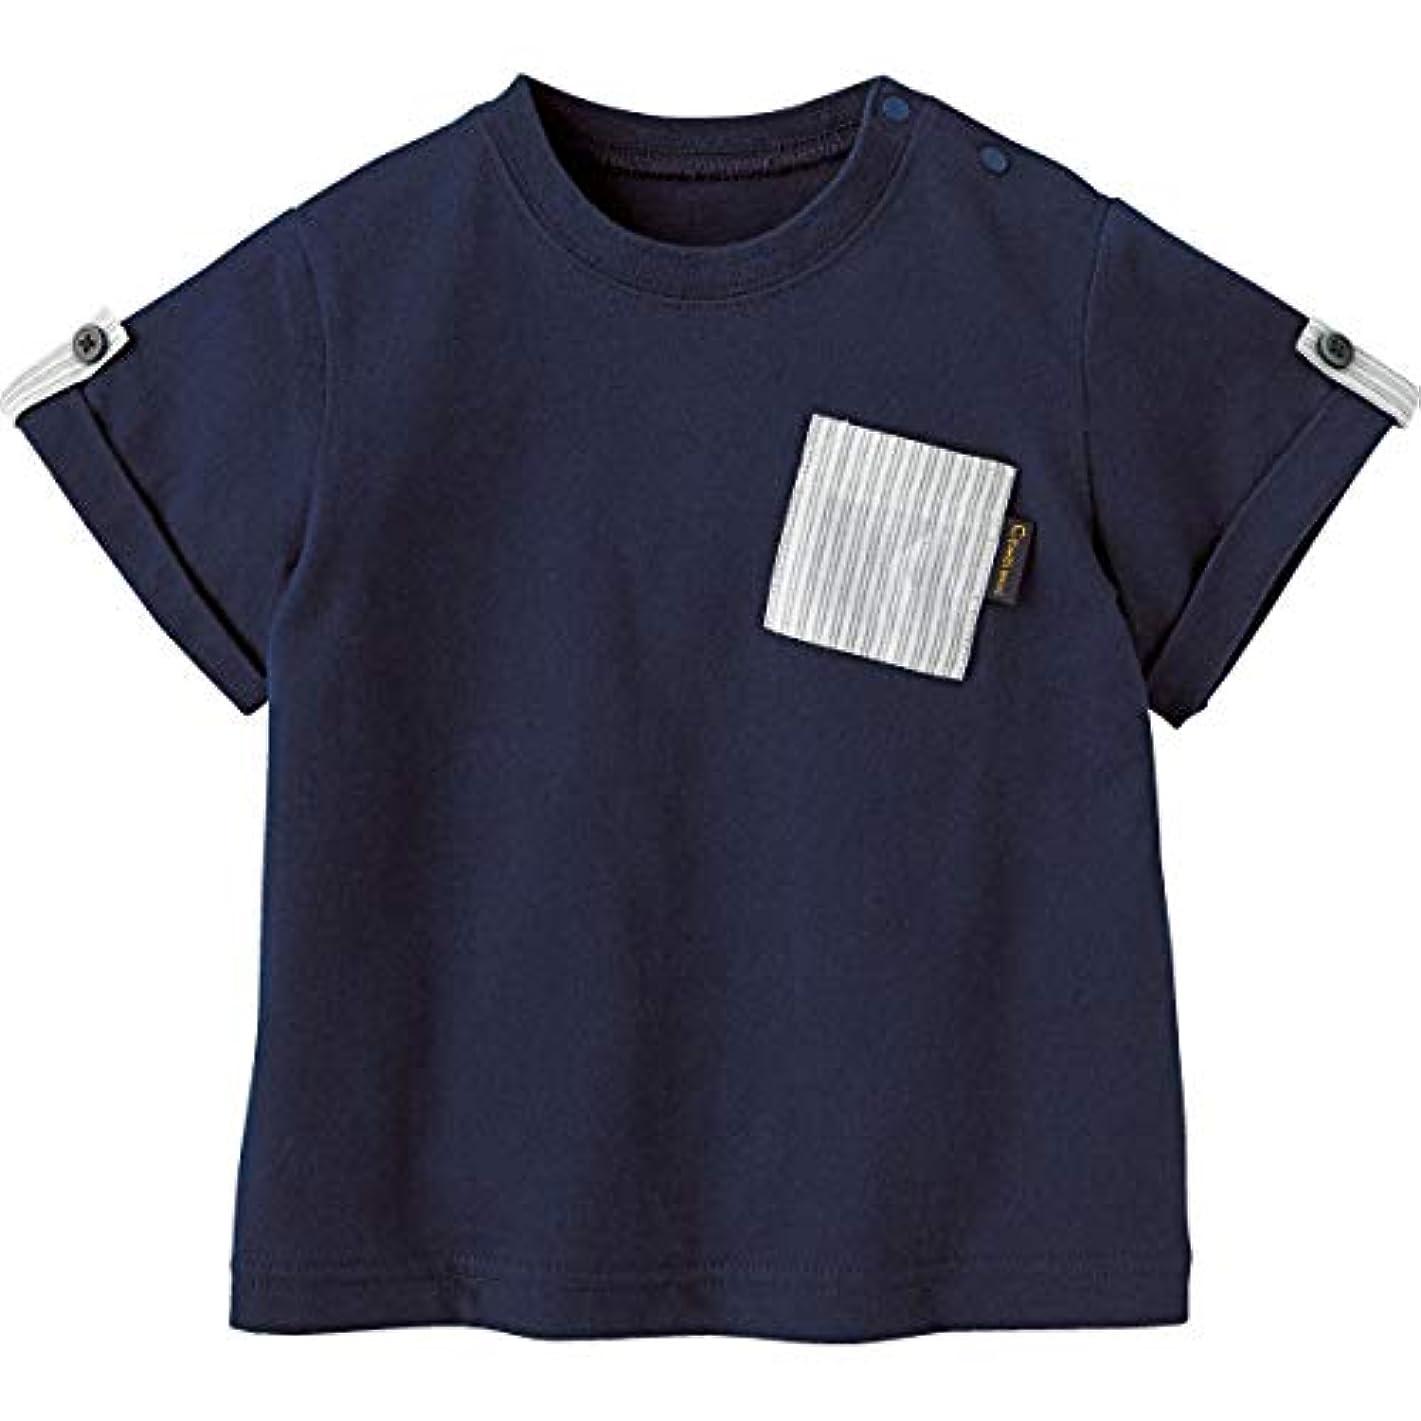 ふけるうぬぼれミントCombimini(コンビミニ) リラックス半袖Tシャツ